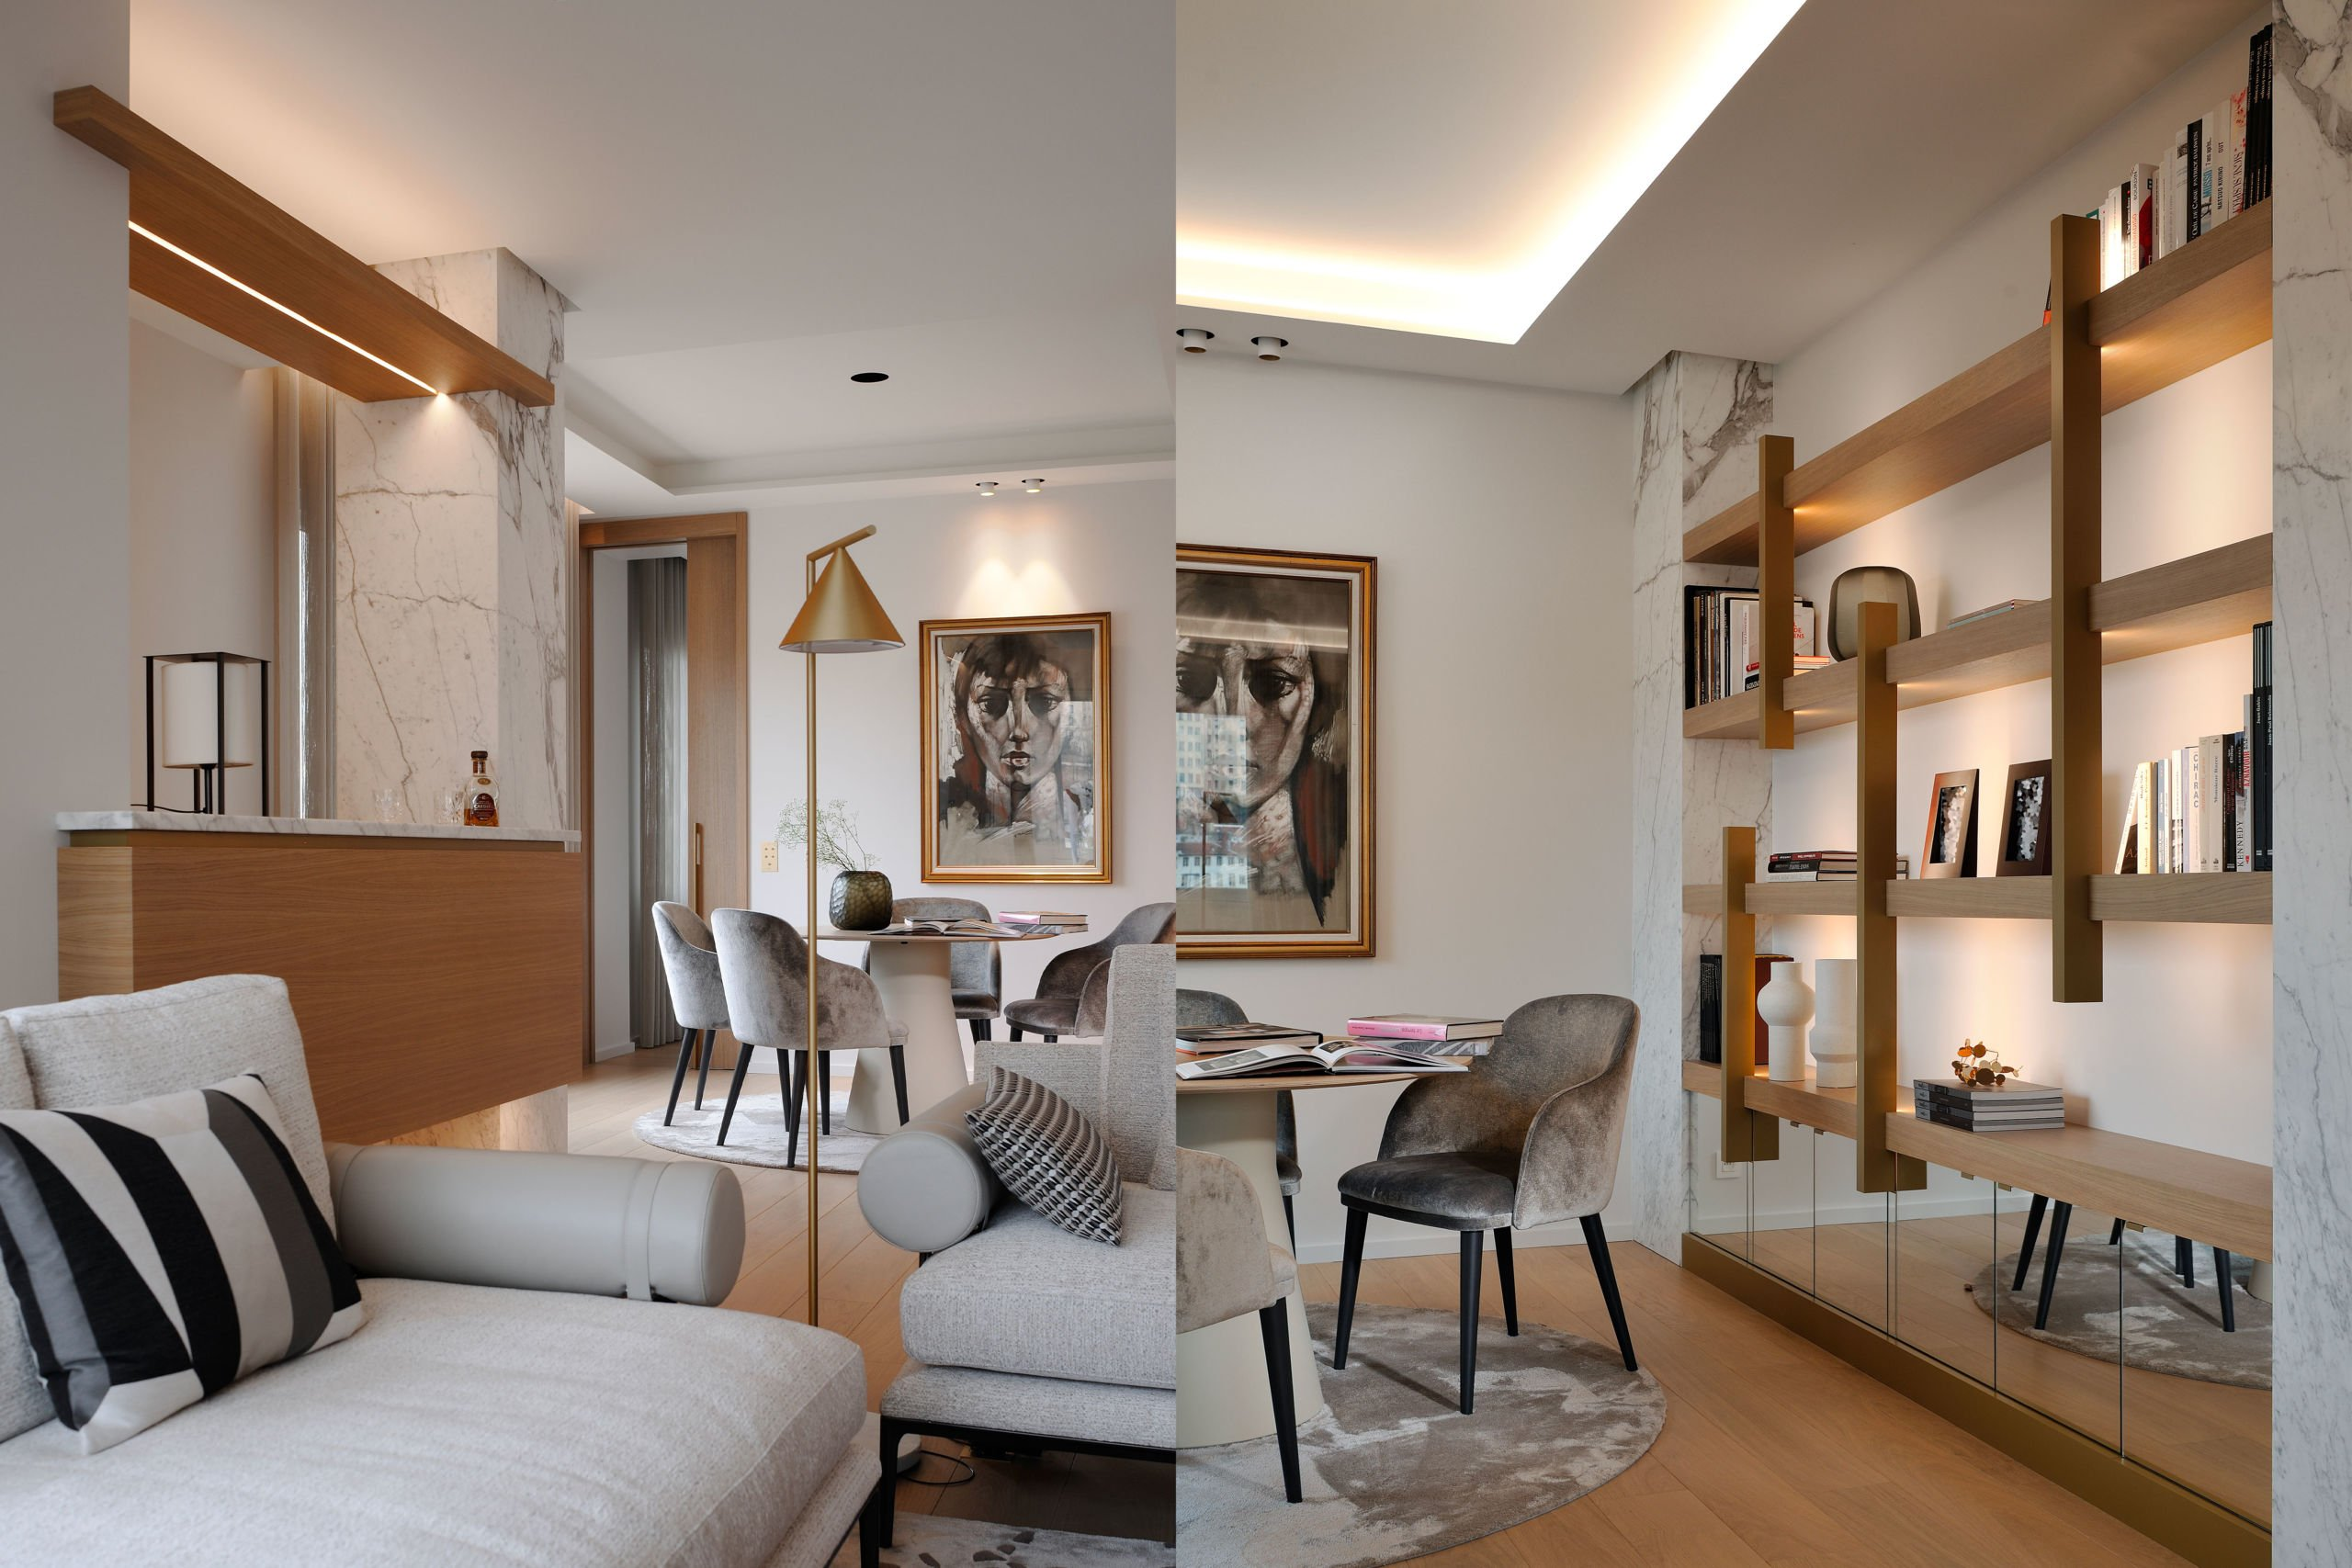 Appartement Rhône / Lyon / 160 m²